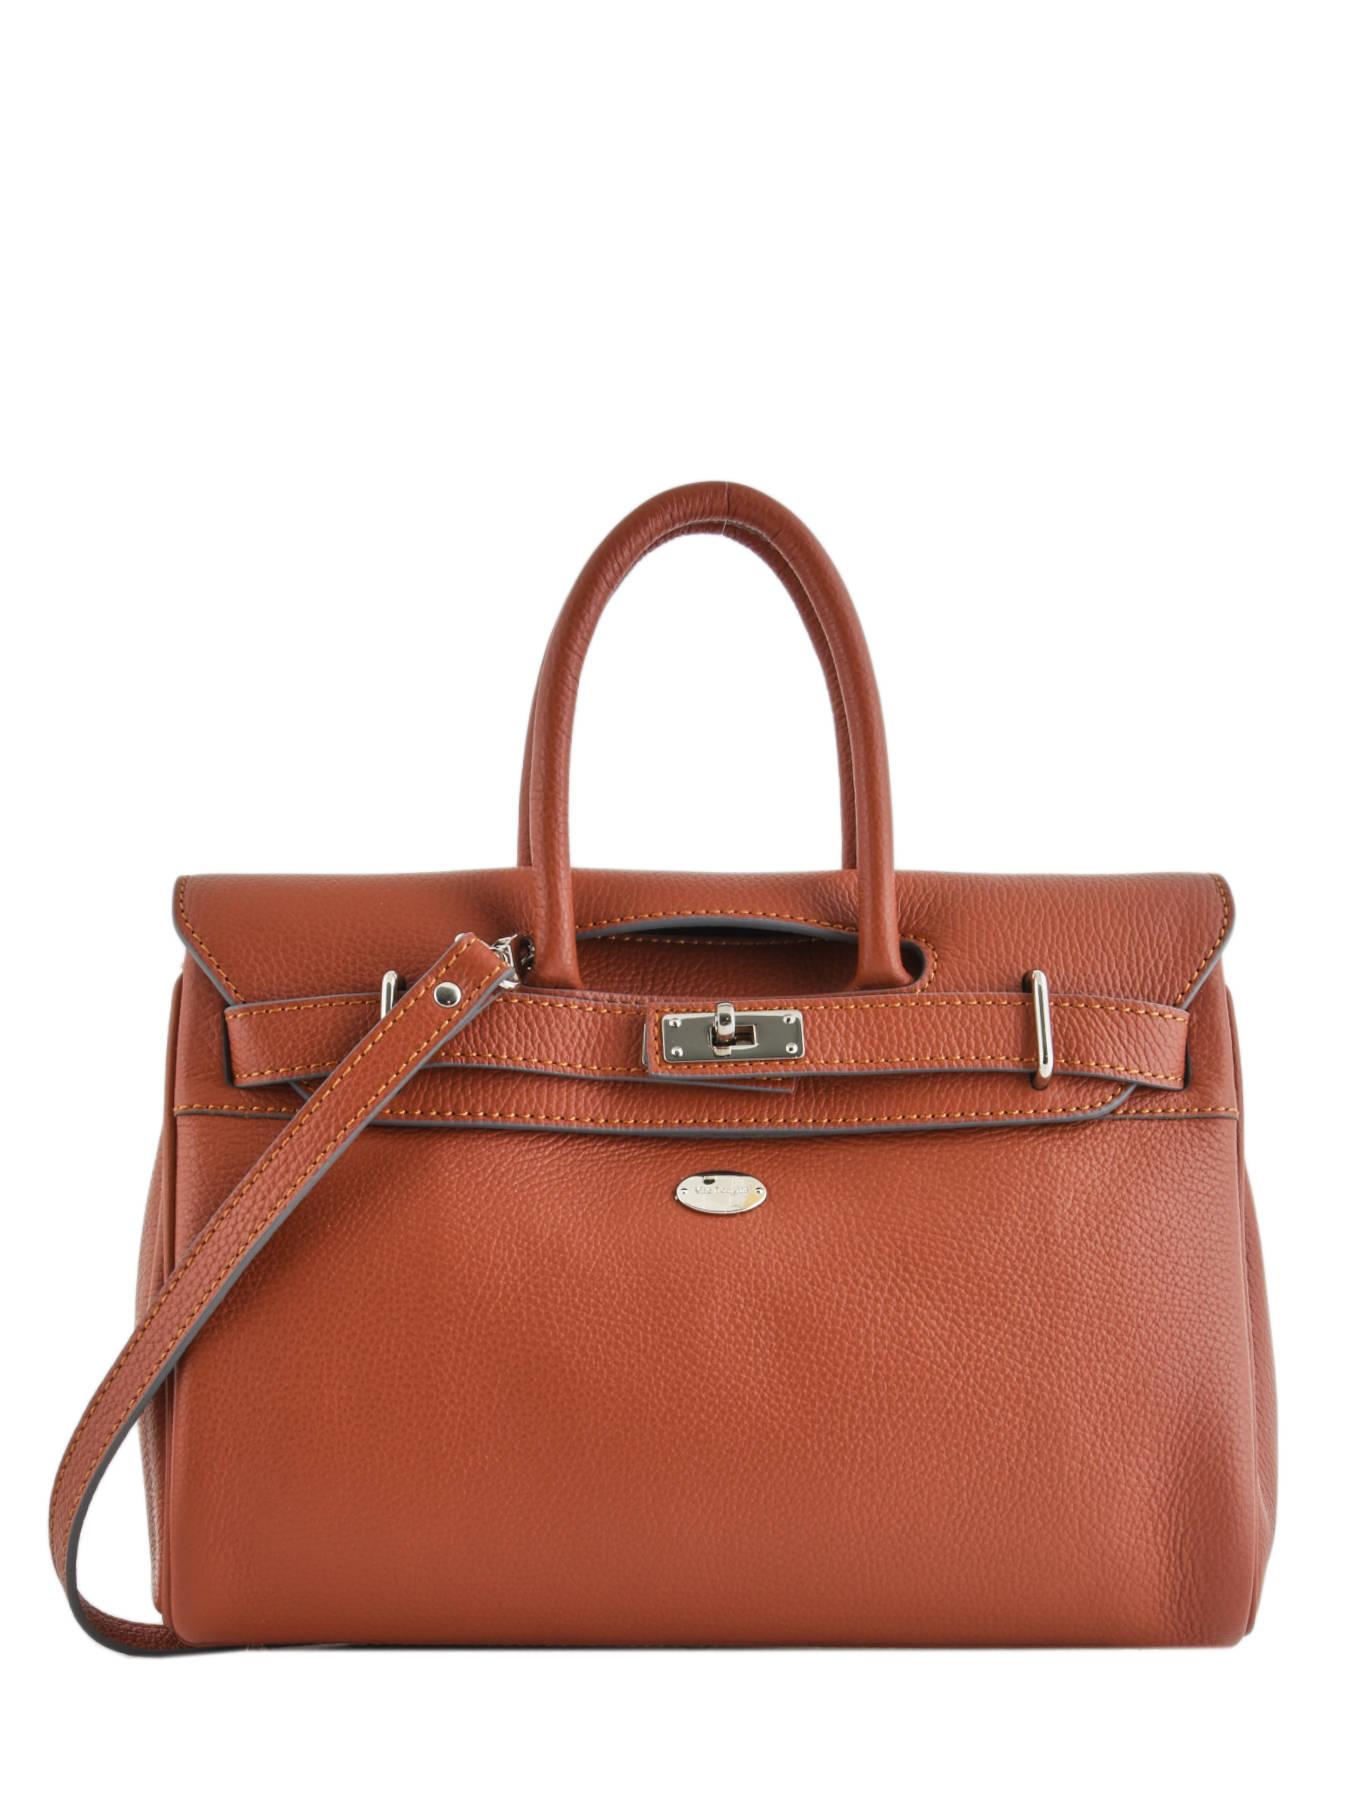 e621b46fdd51 ... Shopping Bag Vesuvio Leather Mac douglas Brown vesuvio PYLVES-X other  view 5 ...